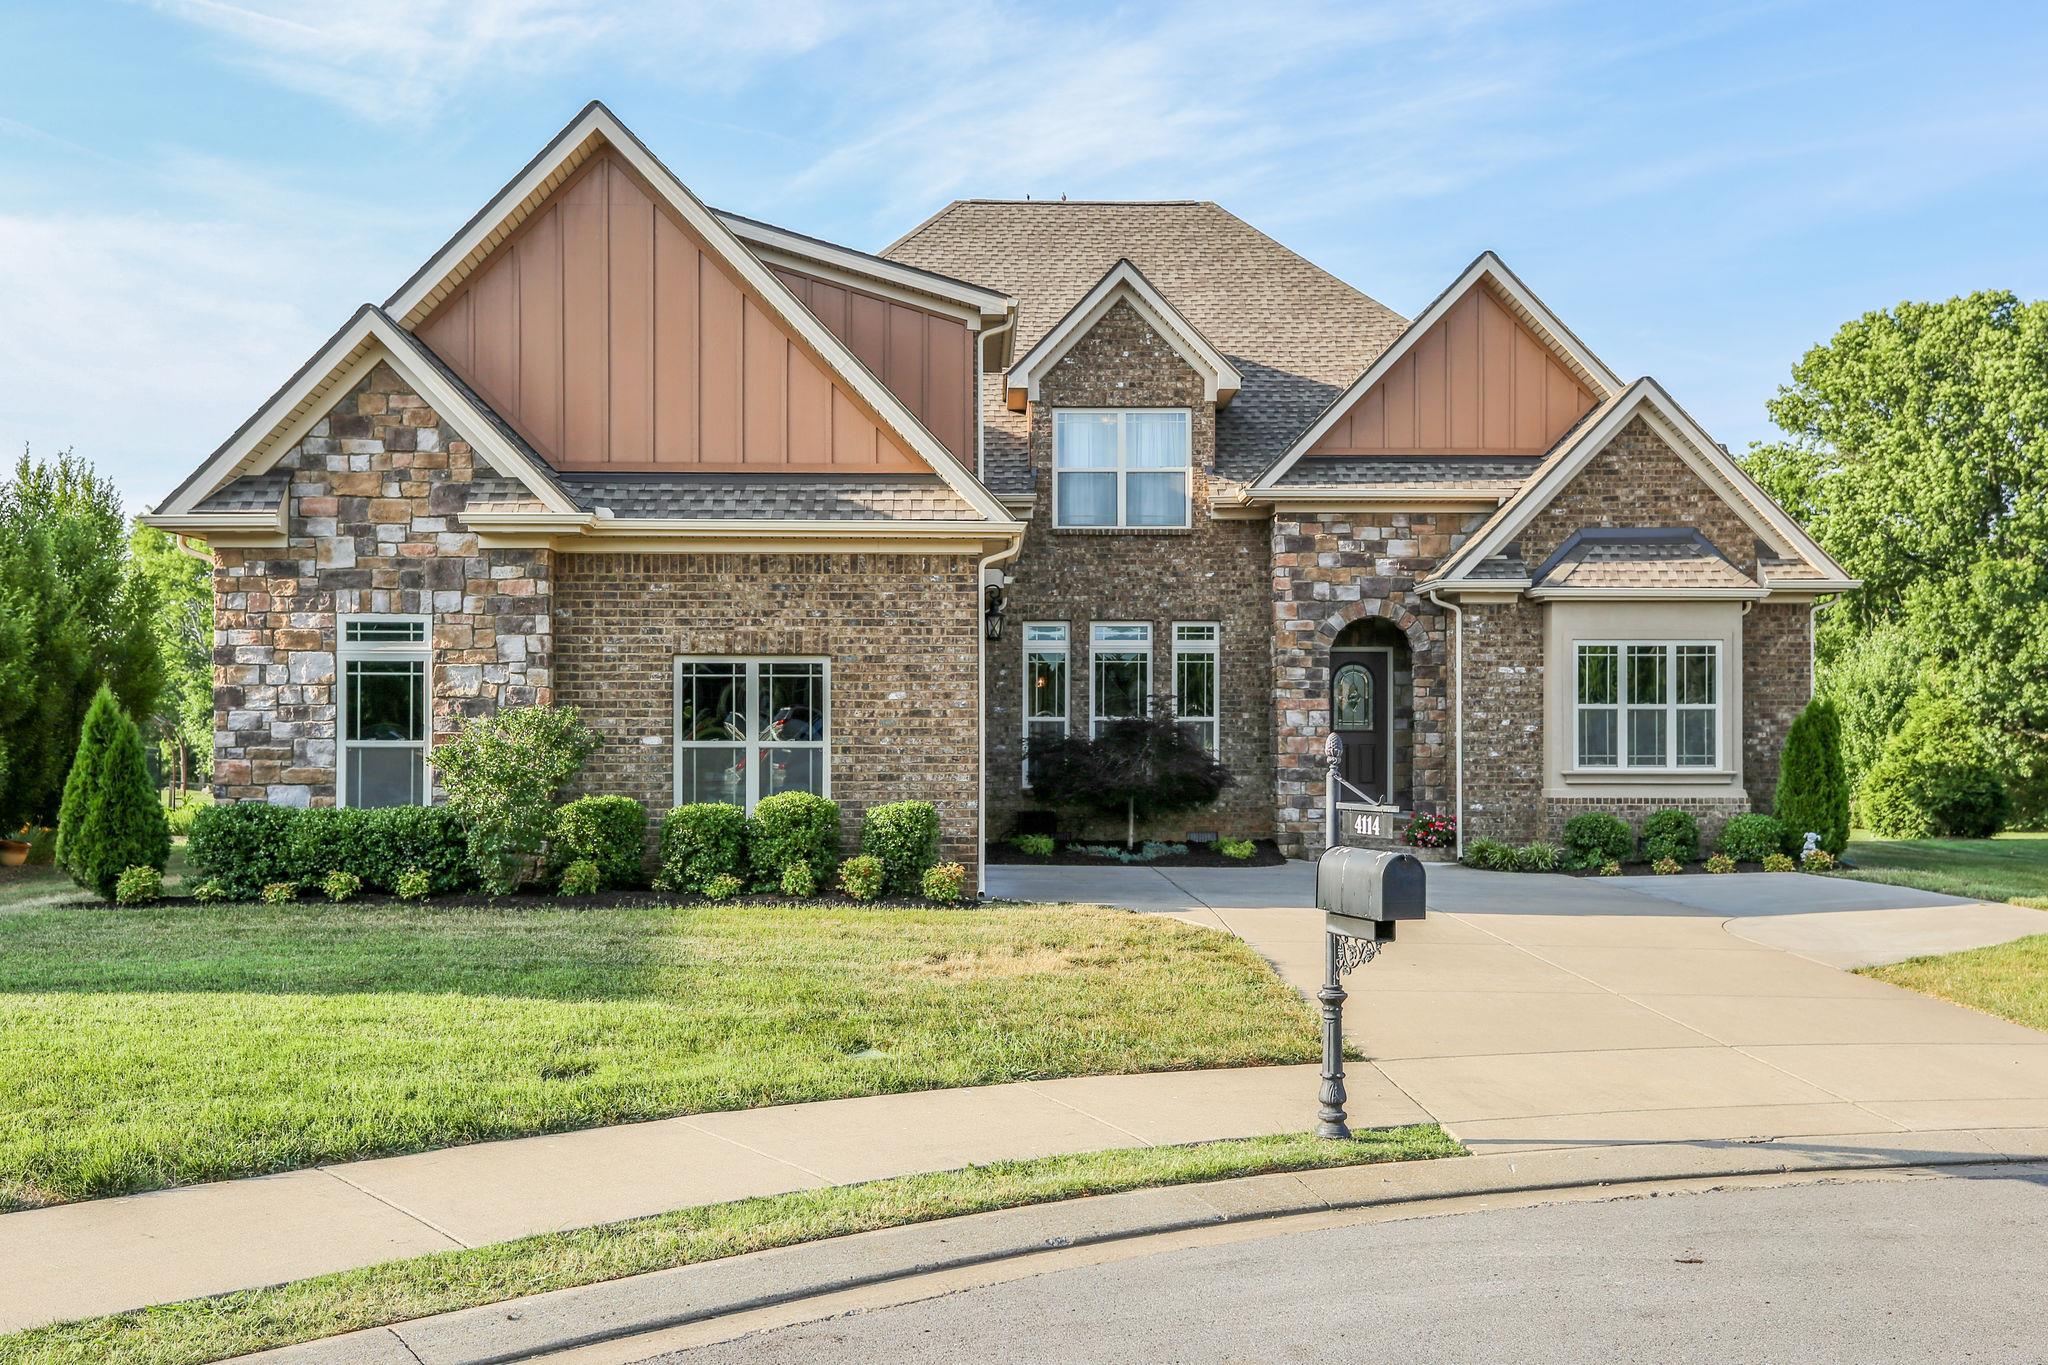 4114 Pretoria Run, Murfreesboro, TN 37128 - Murfreesboro, TN real estate listing